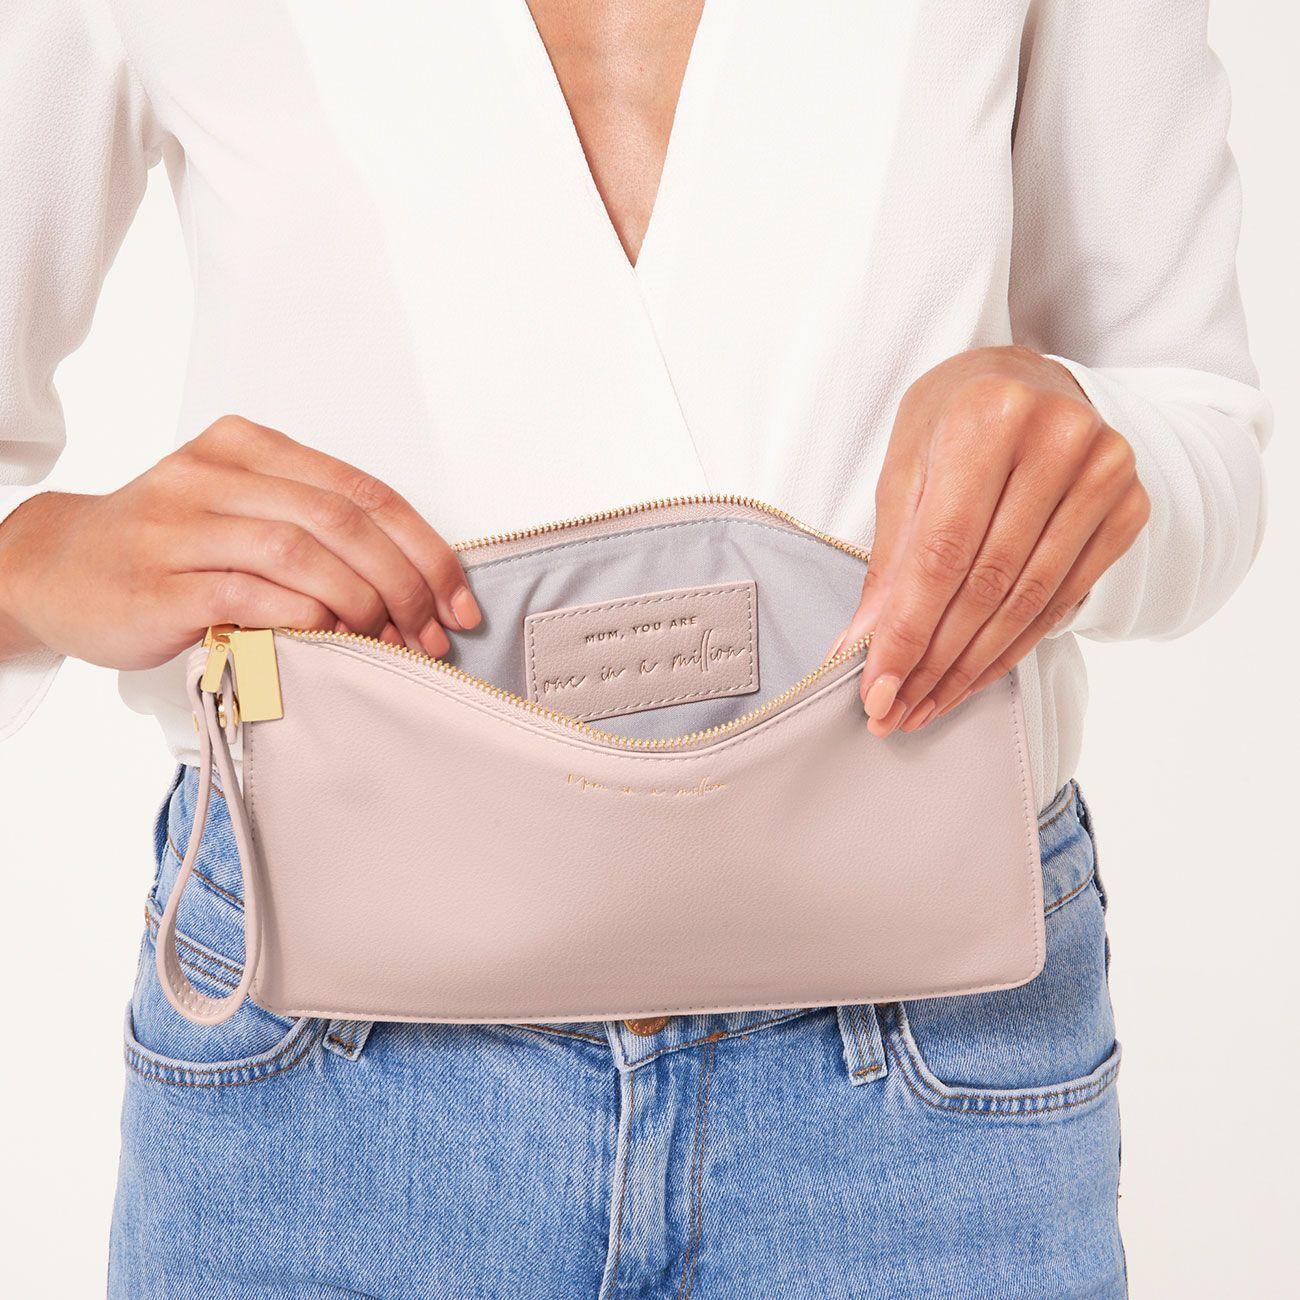 secret-message-pouch